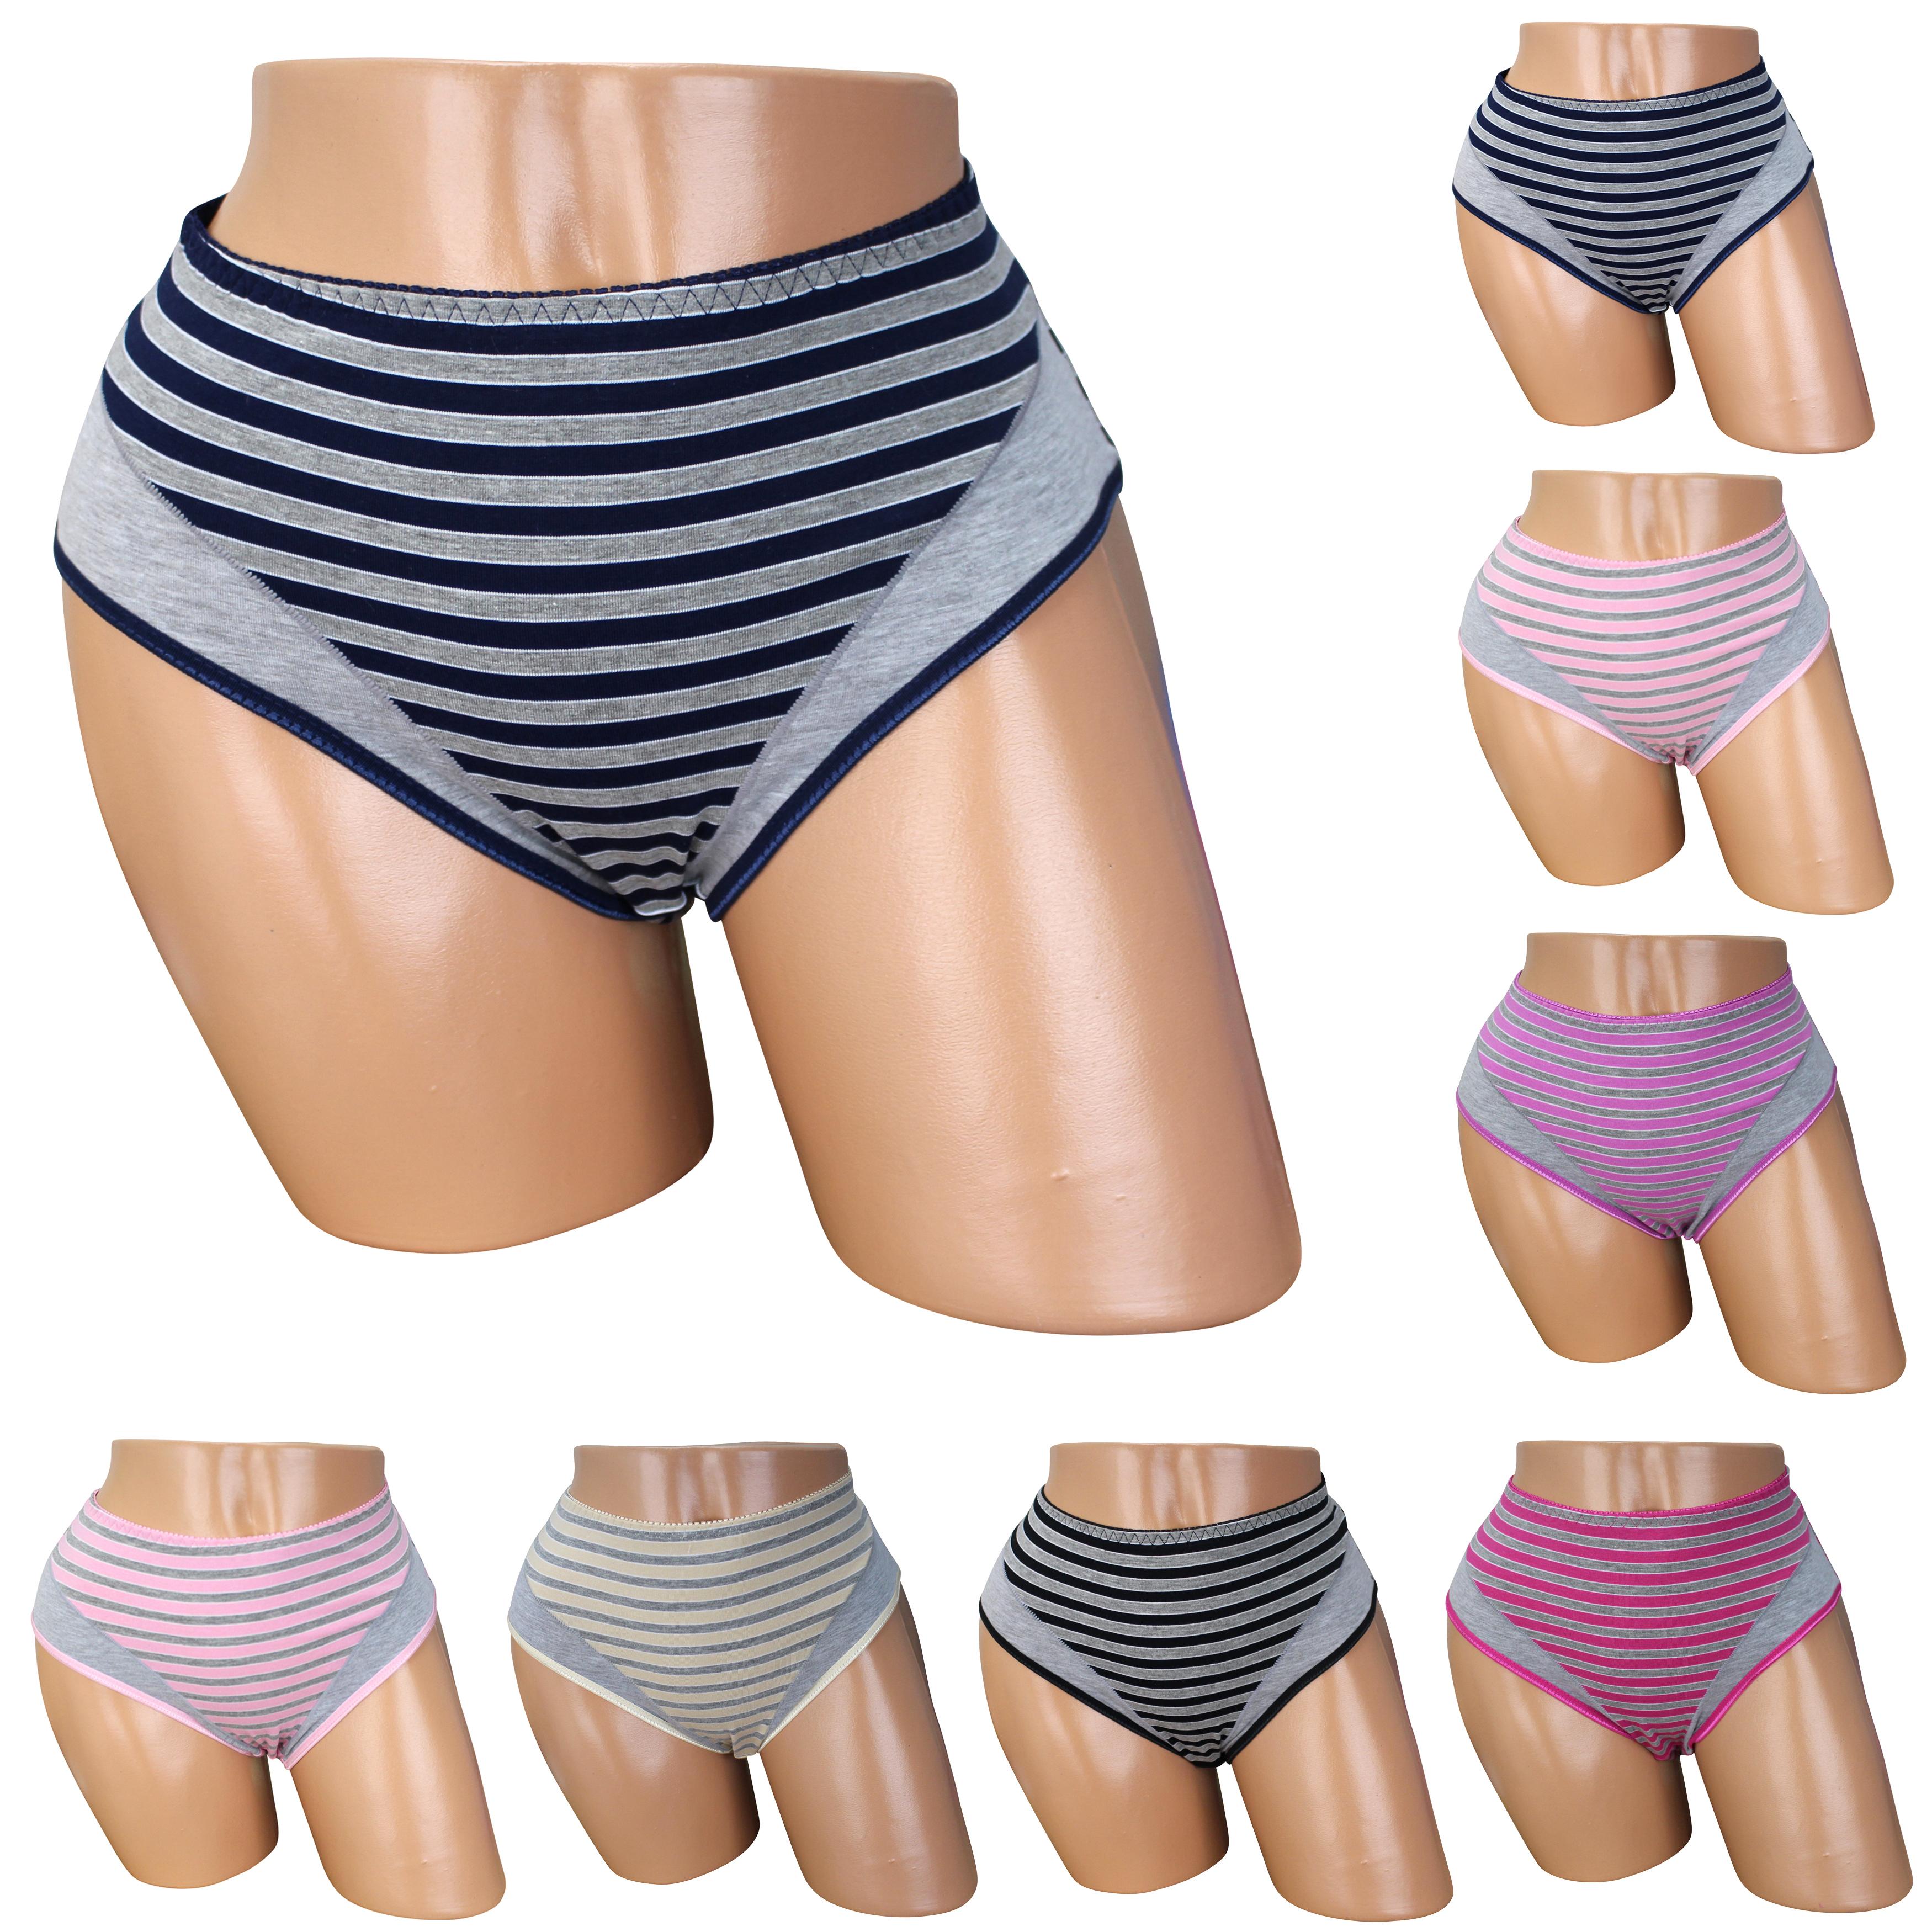 8-Damen-BAUMWOLLE-Taillen-Slips-Unterwaesche-Unterhose-Taillenslips-Schluepfer